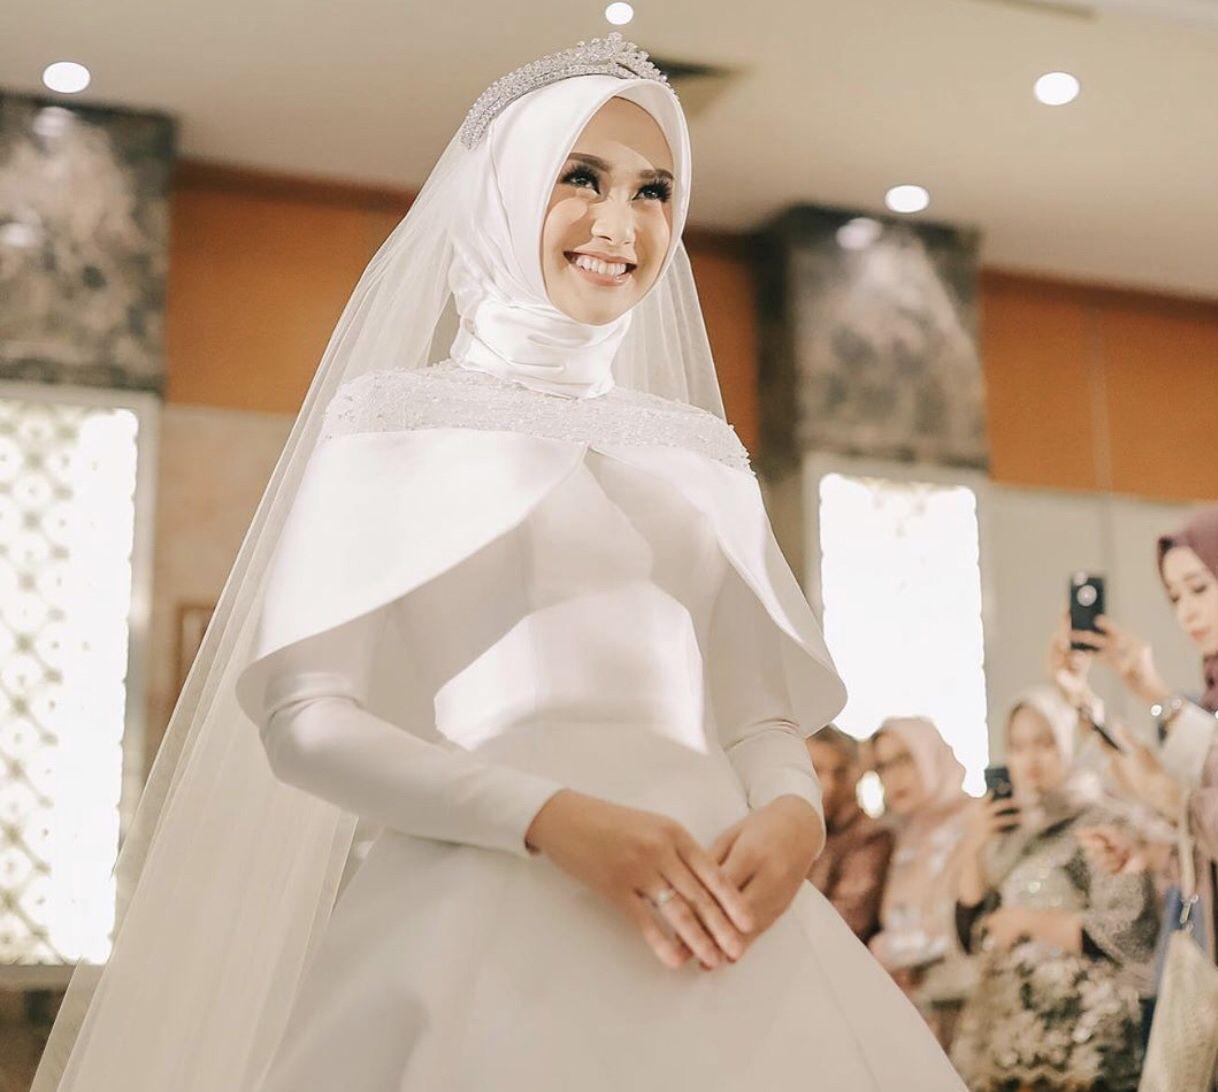 Muslim Bride Wedding Dream Di 2020 Gaun Pengantin Sederhana Pakaian Pernikahan Gaun Pengantin Putri